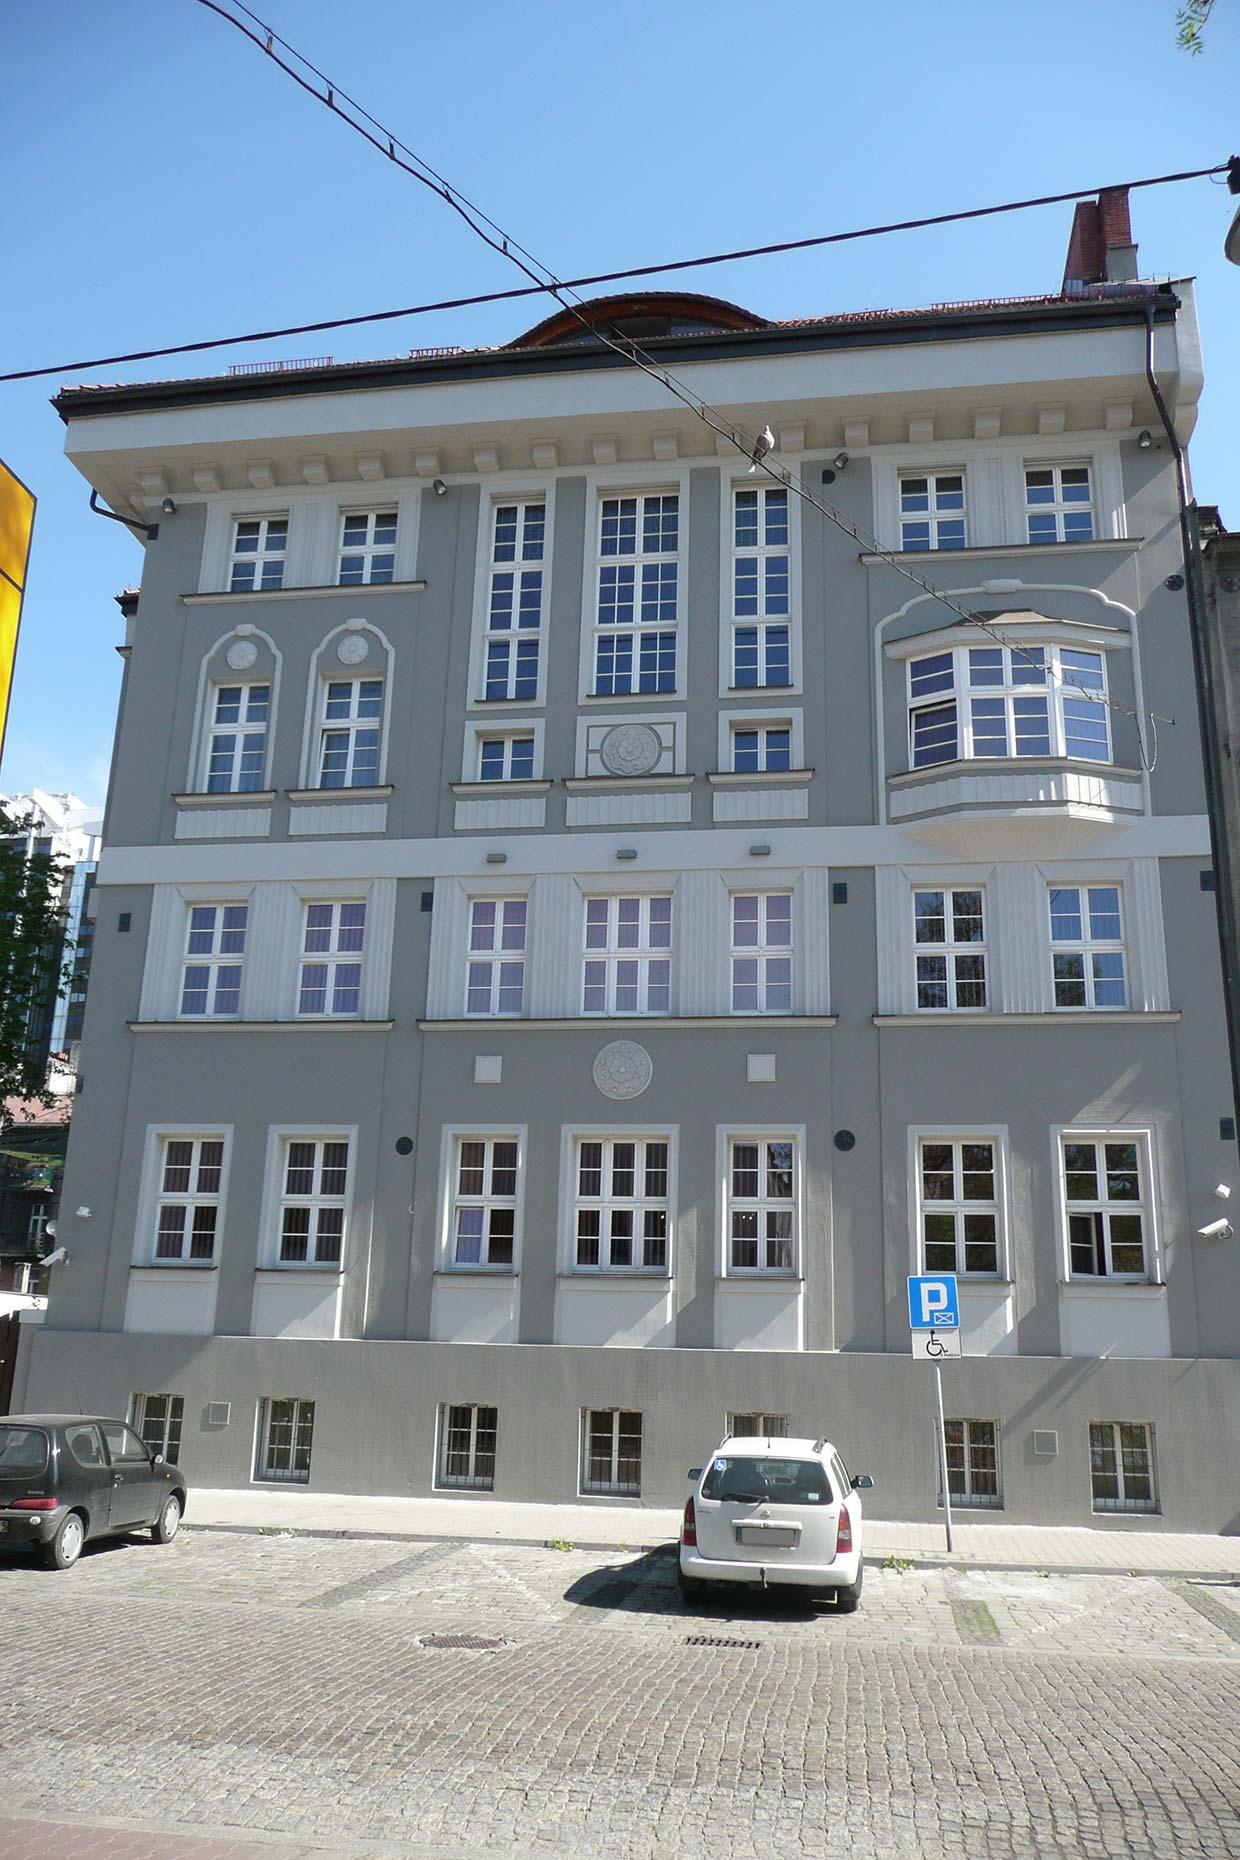 Inwestor: Regionalna Izba Gospodarcza w Katowicach